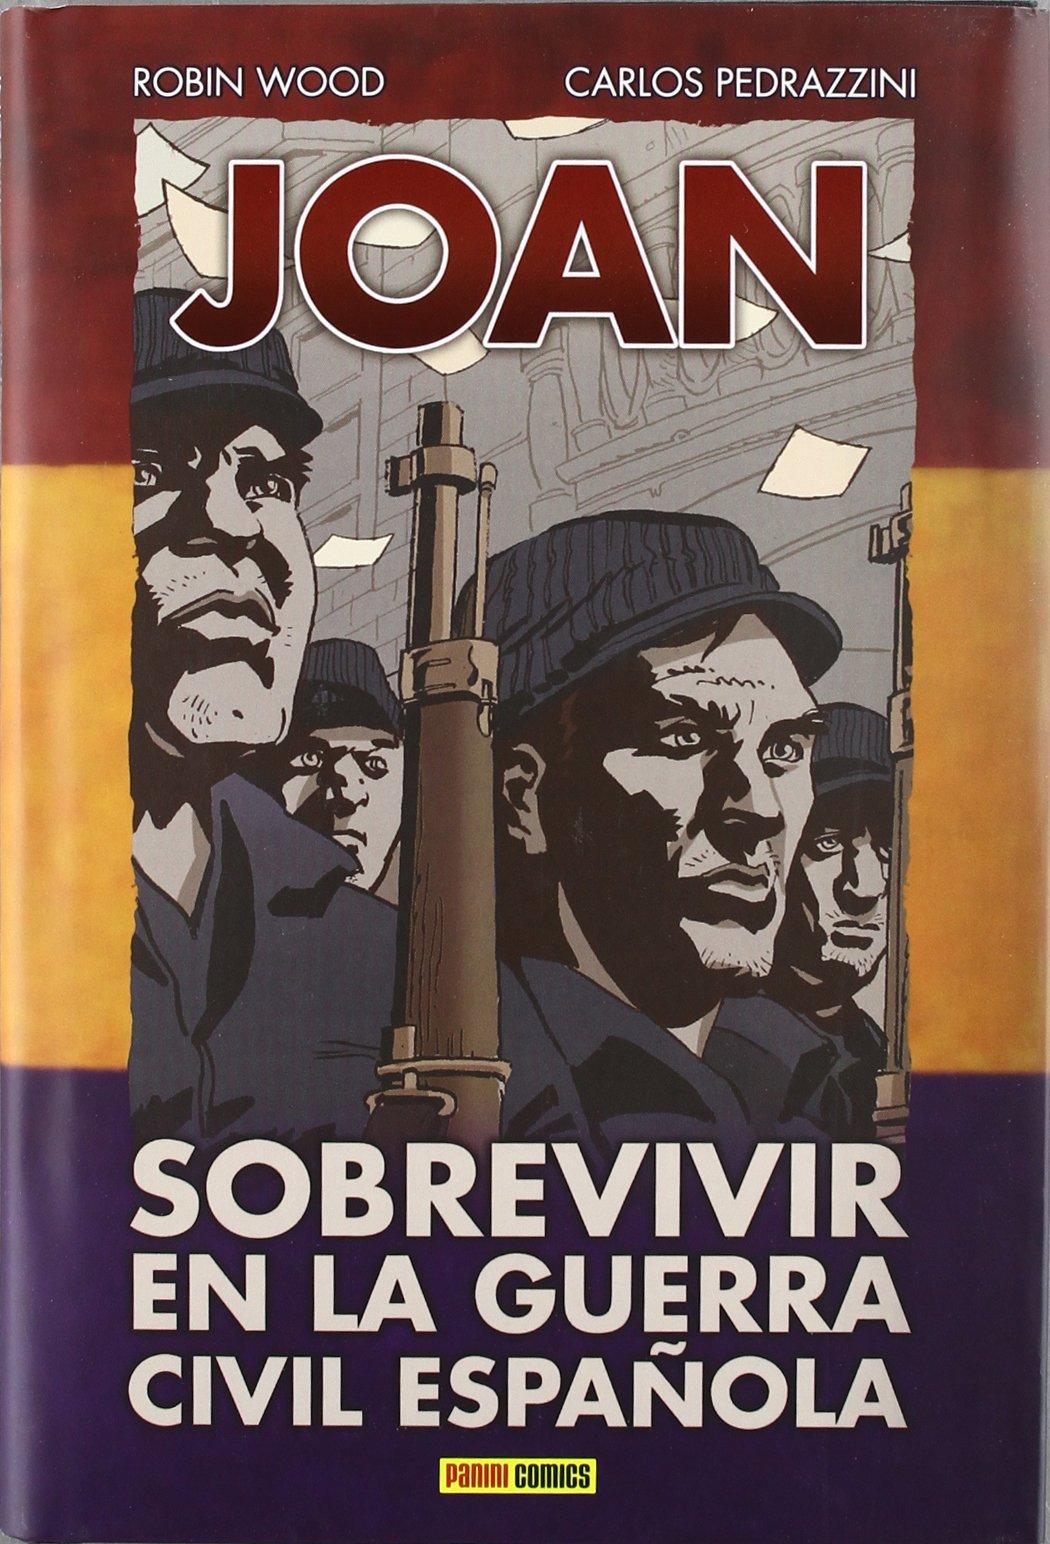 Sobrevivir En La Guerra Civil Española: Amazon.es: Robin Wood; Carlos Pedrazzini: Libros